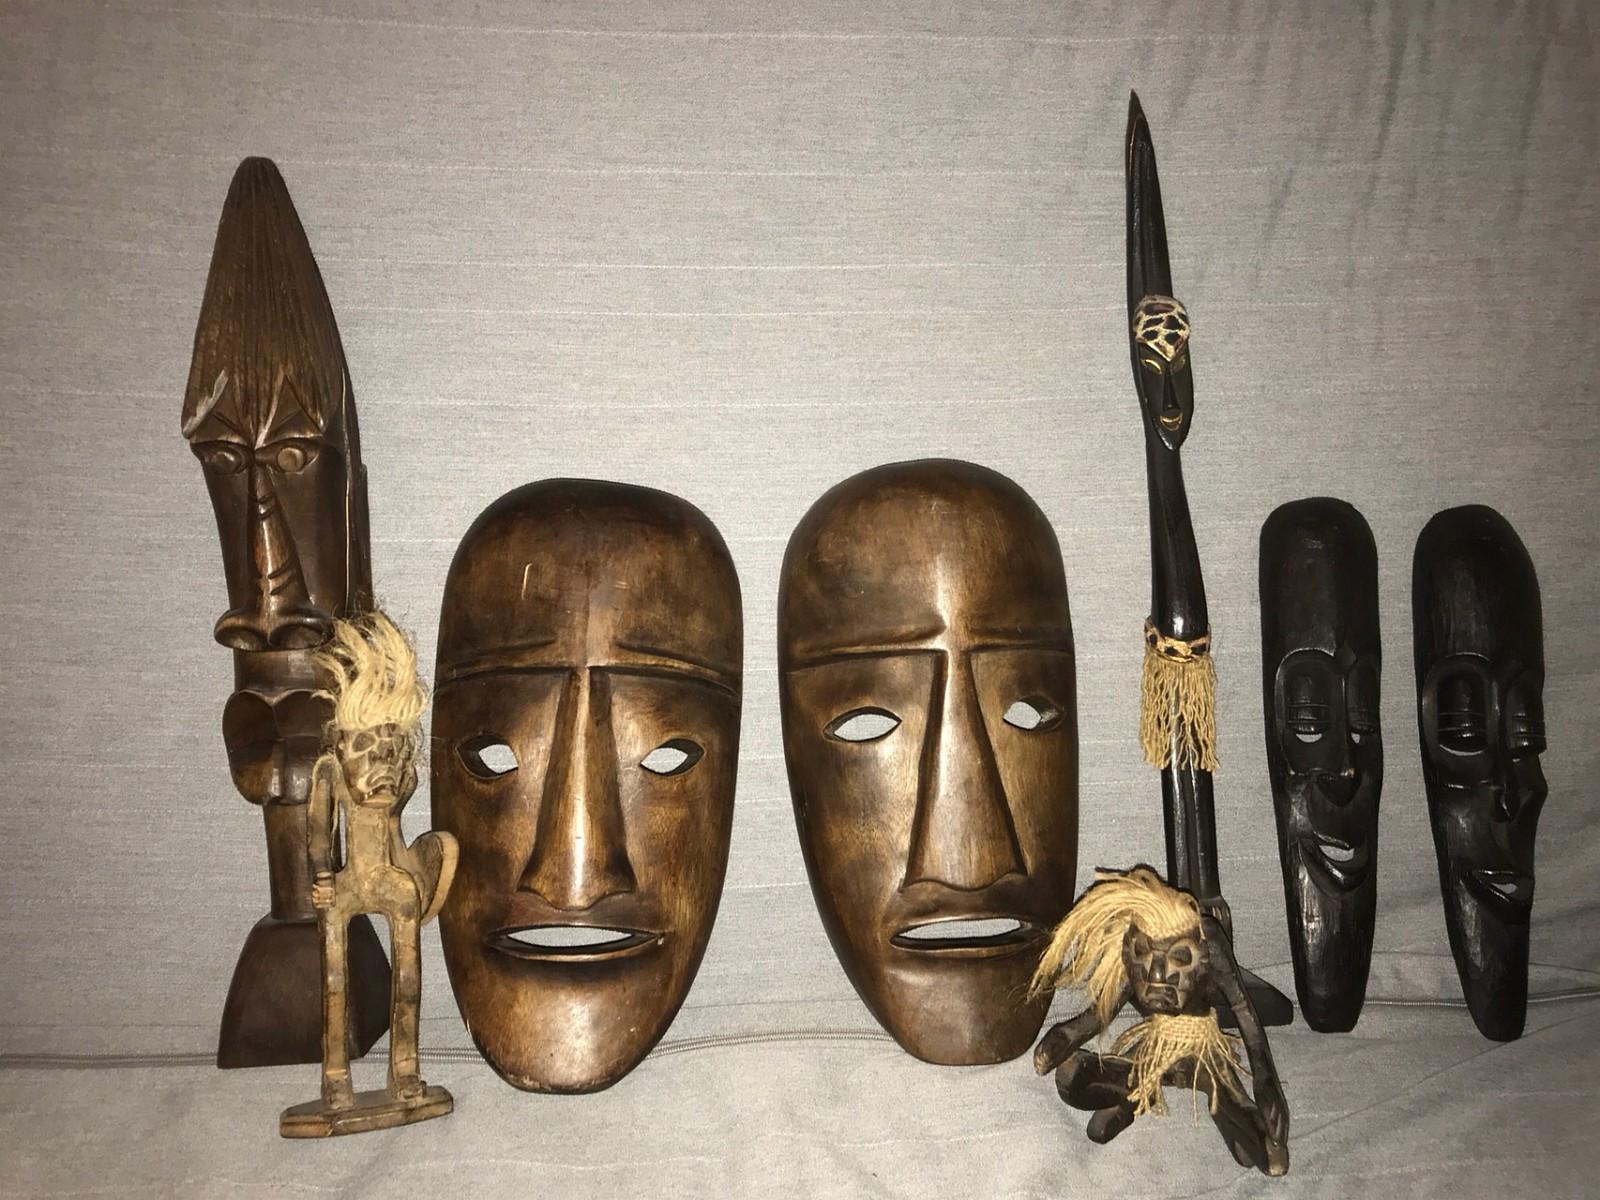 Afrika masker og figurer - Tomasjord  - Diverse pynte masker og figurer til salgs. 30 kr pr figur eller samlet for 200kr. - Tomasjord